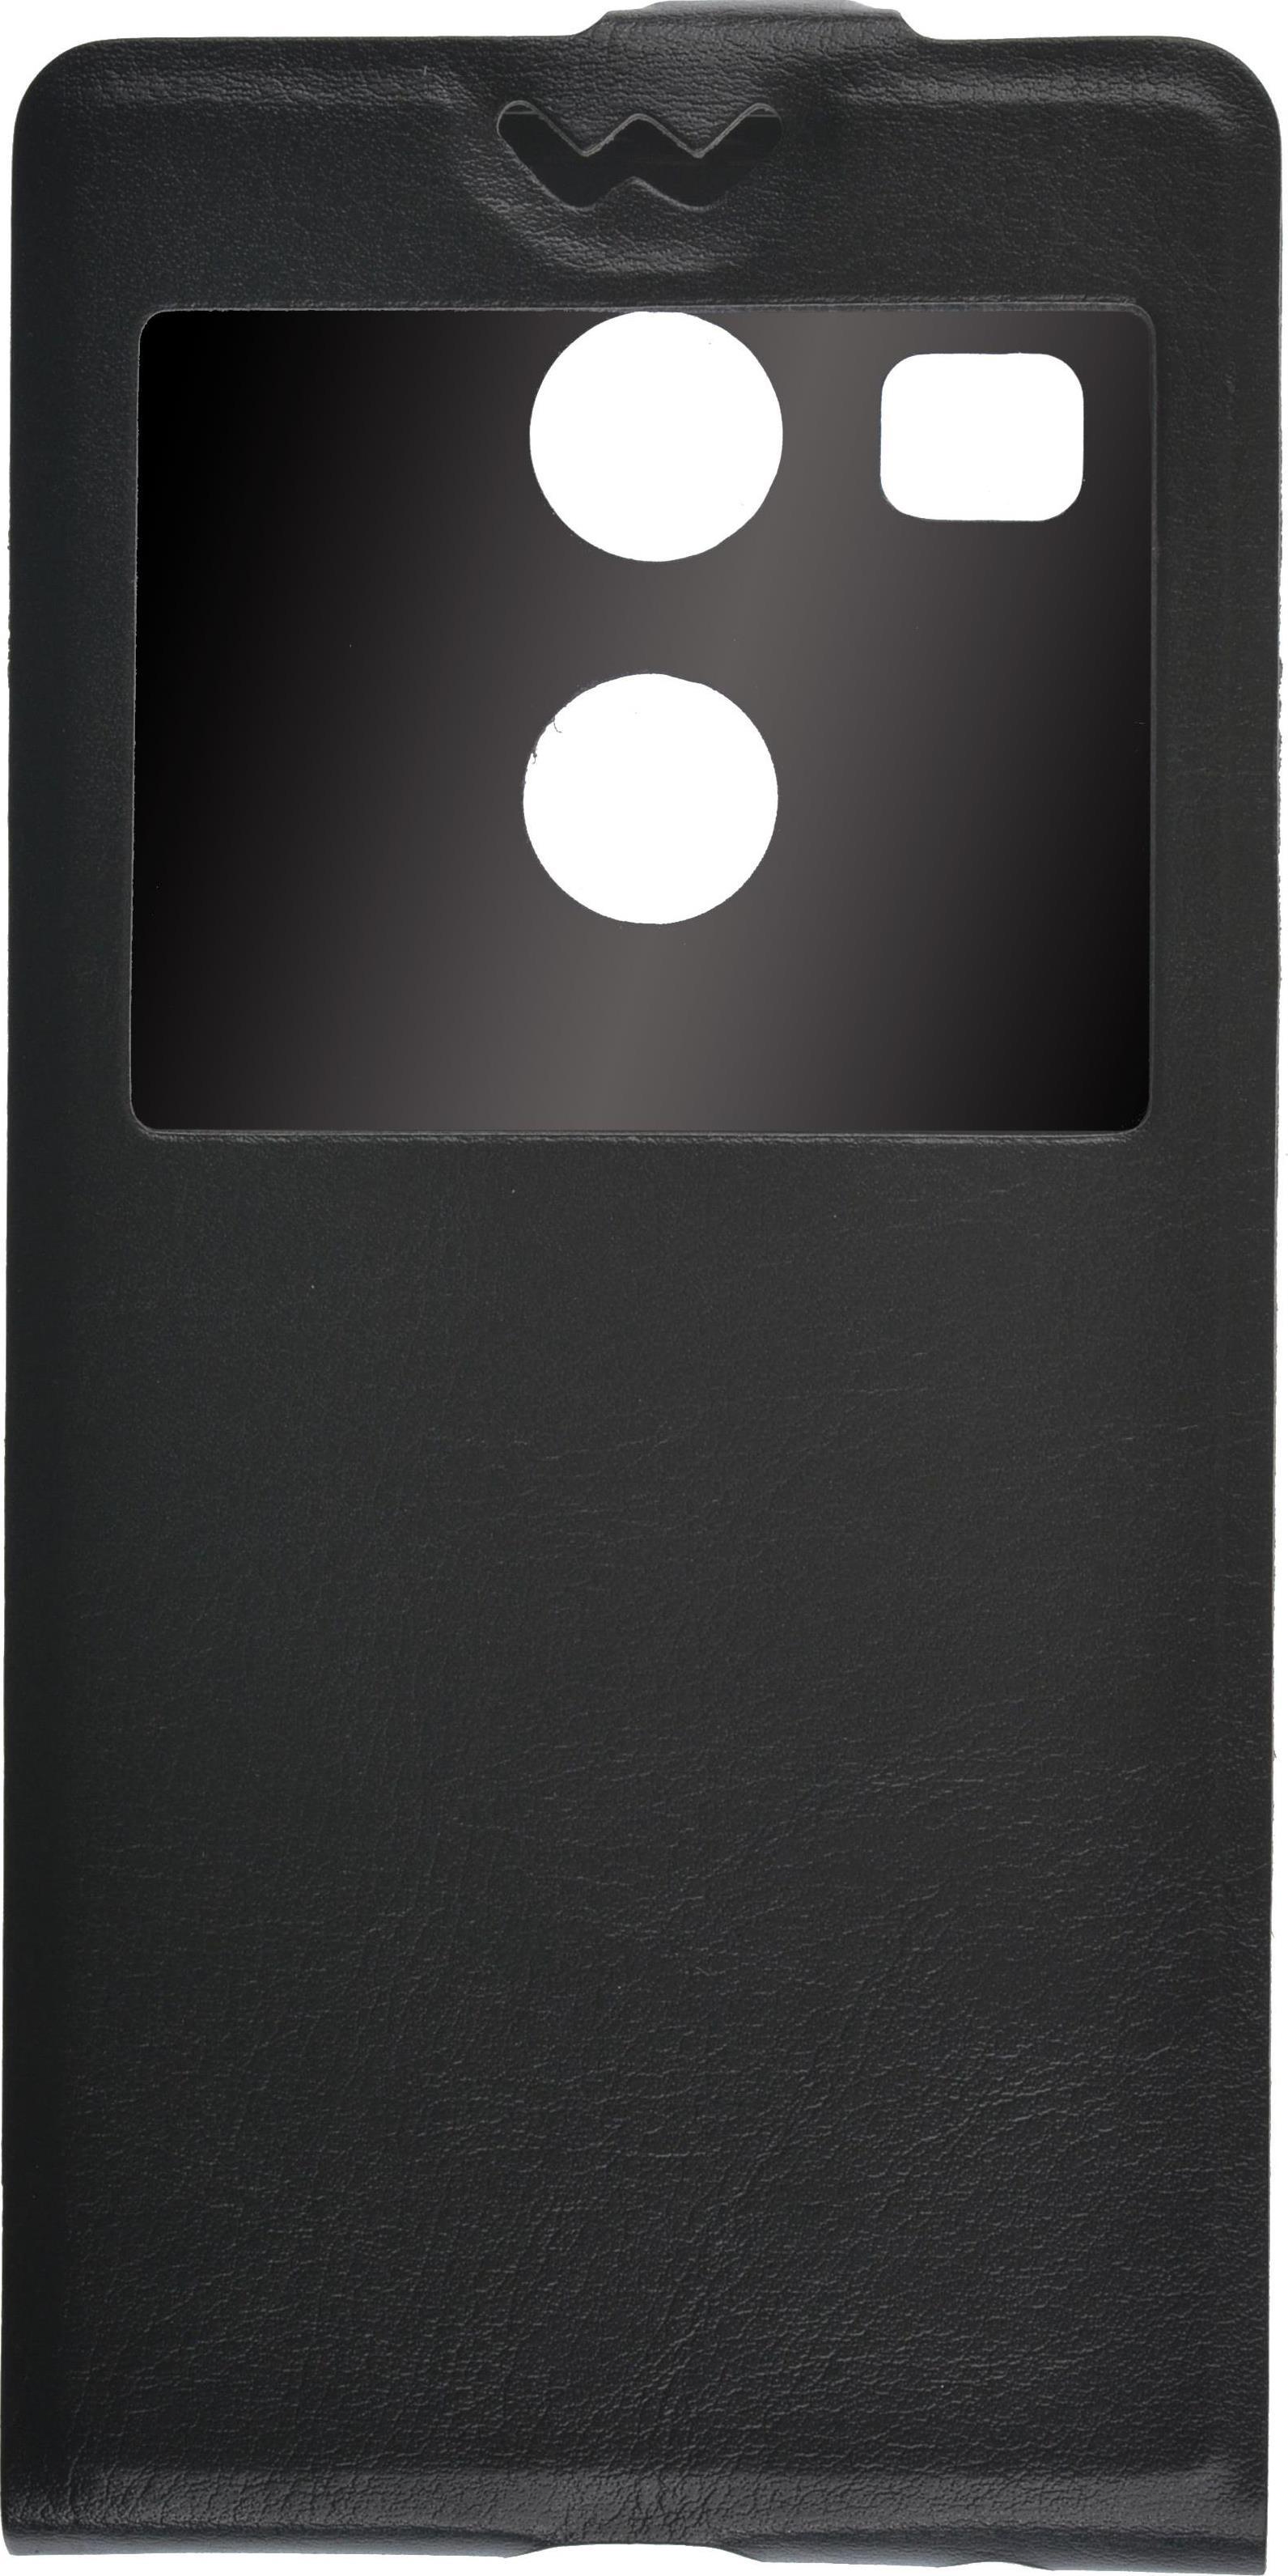 Чехол для сотового телефона skinBOX Flip slim, 4630042525214, черный стоимость